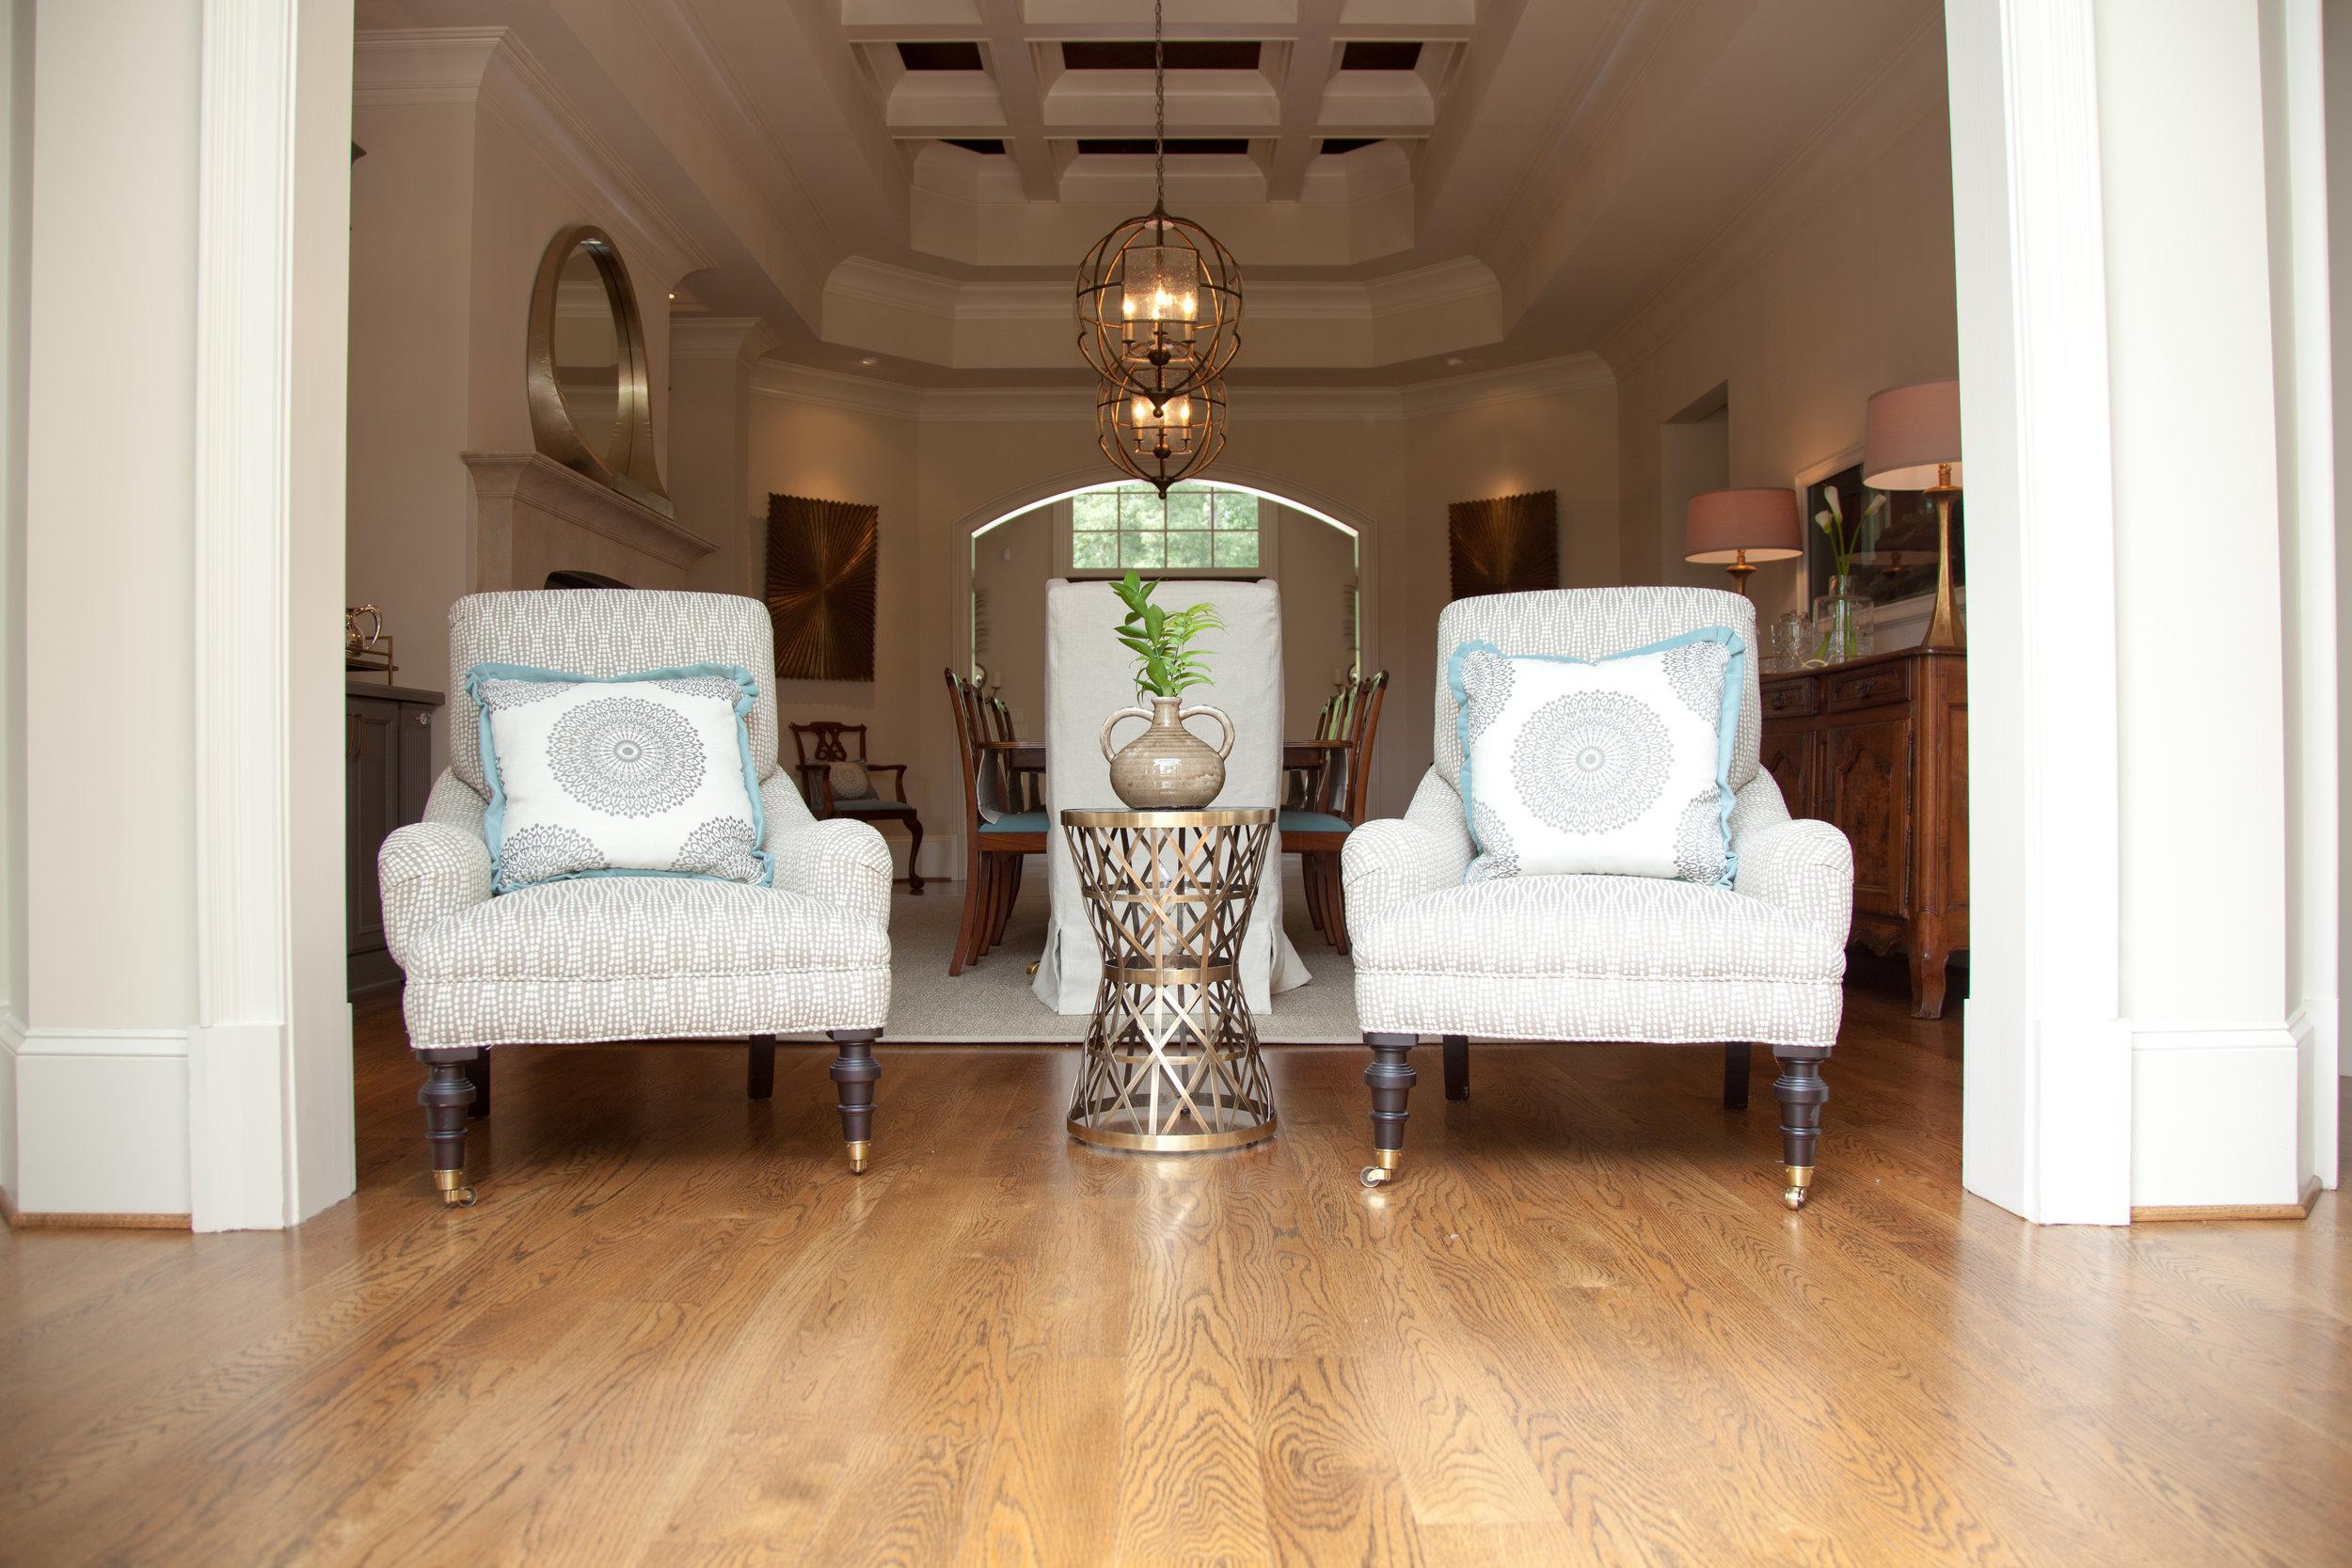 mikoandboonehome/sittingroom/diningroom/sittingroom